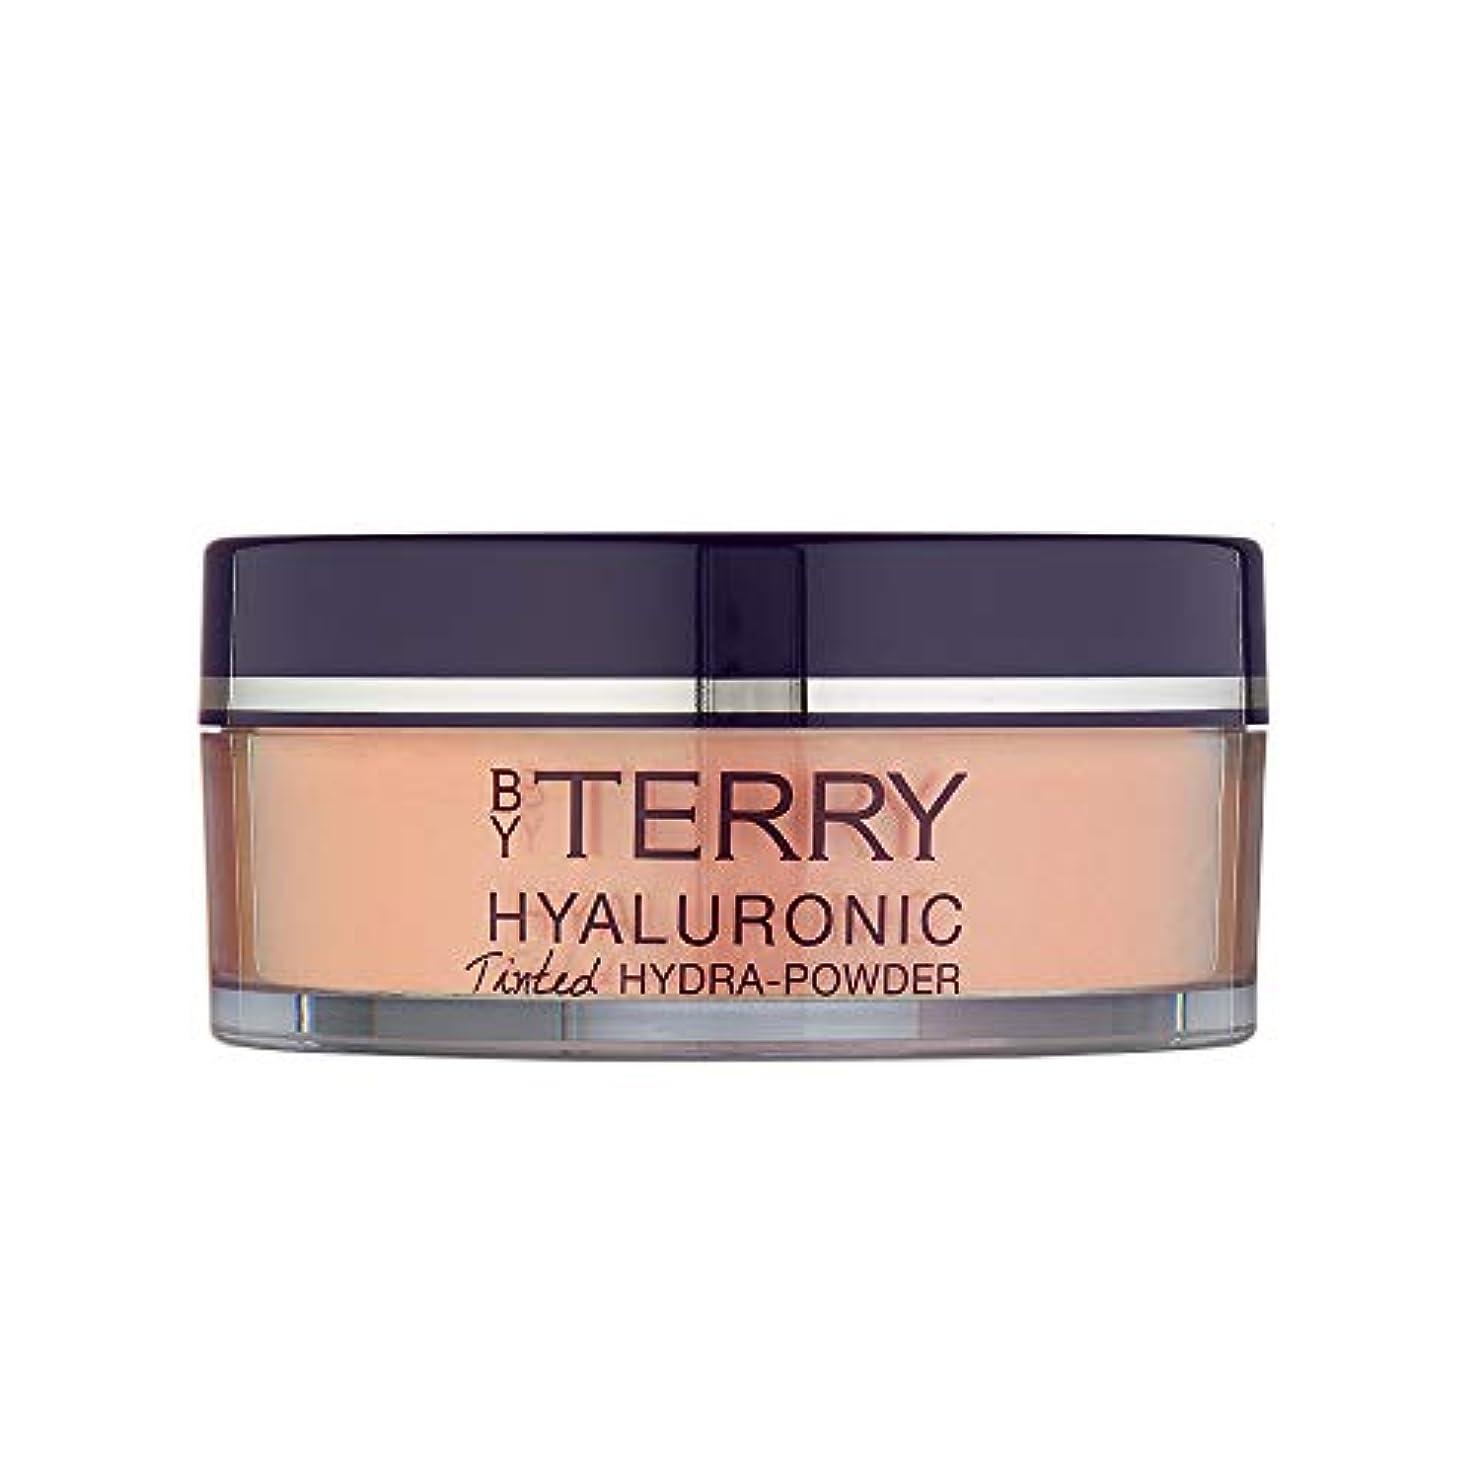 書士宅配便徴収バイテリー Hyaluronic Tinted Hydra Care Setting Powder - # 2 Apricot Light 10g/0.35oz並行輸入品